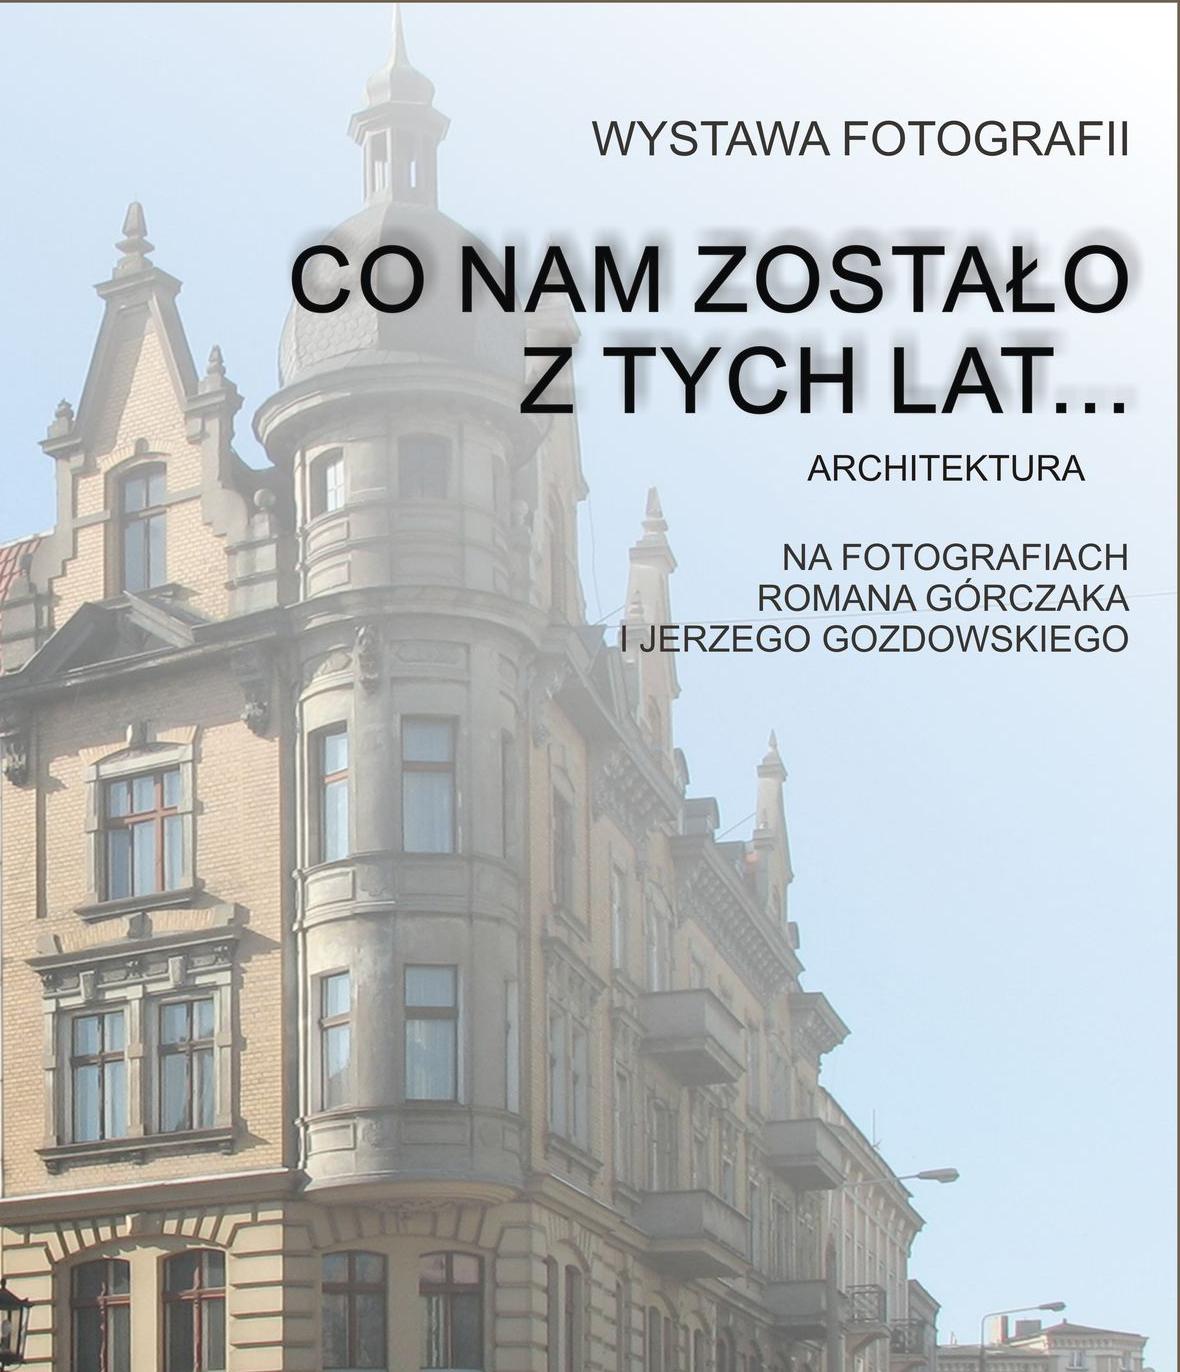 Materiały udostępnione przez Miejski Ośrodek Kultury w Gnieźnie